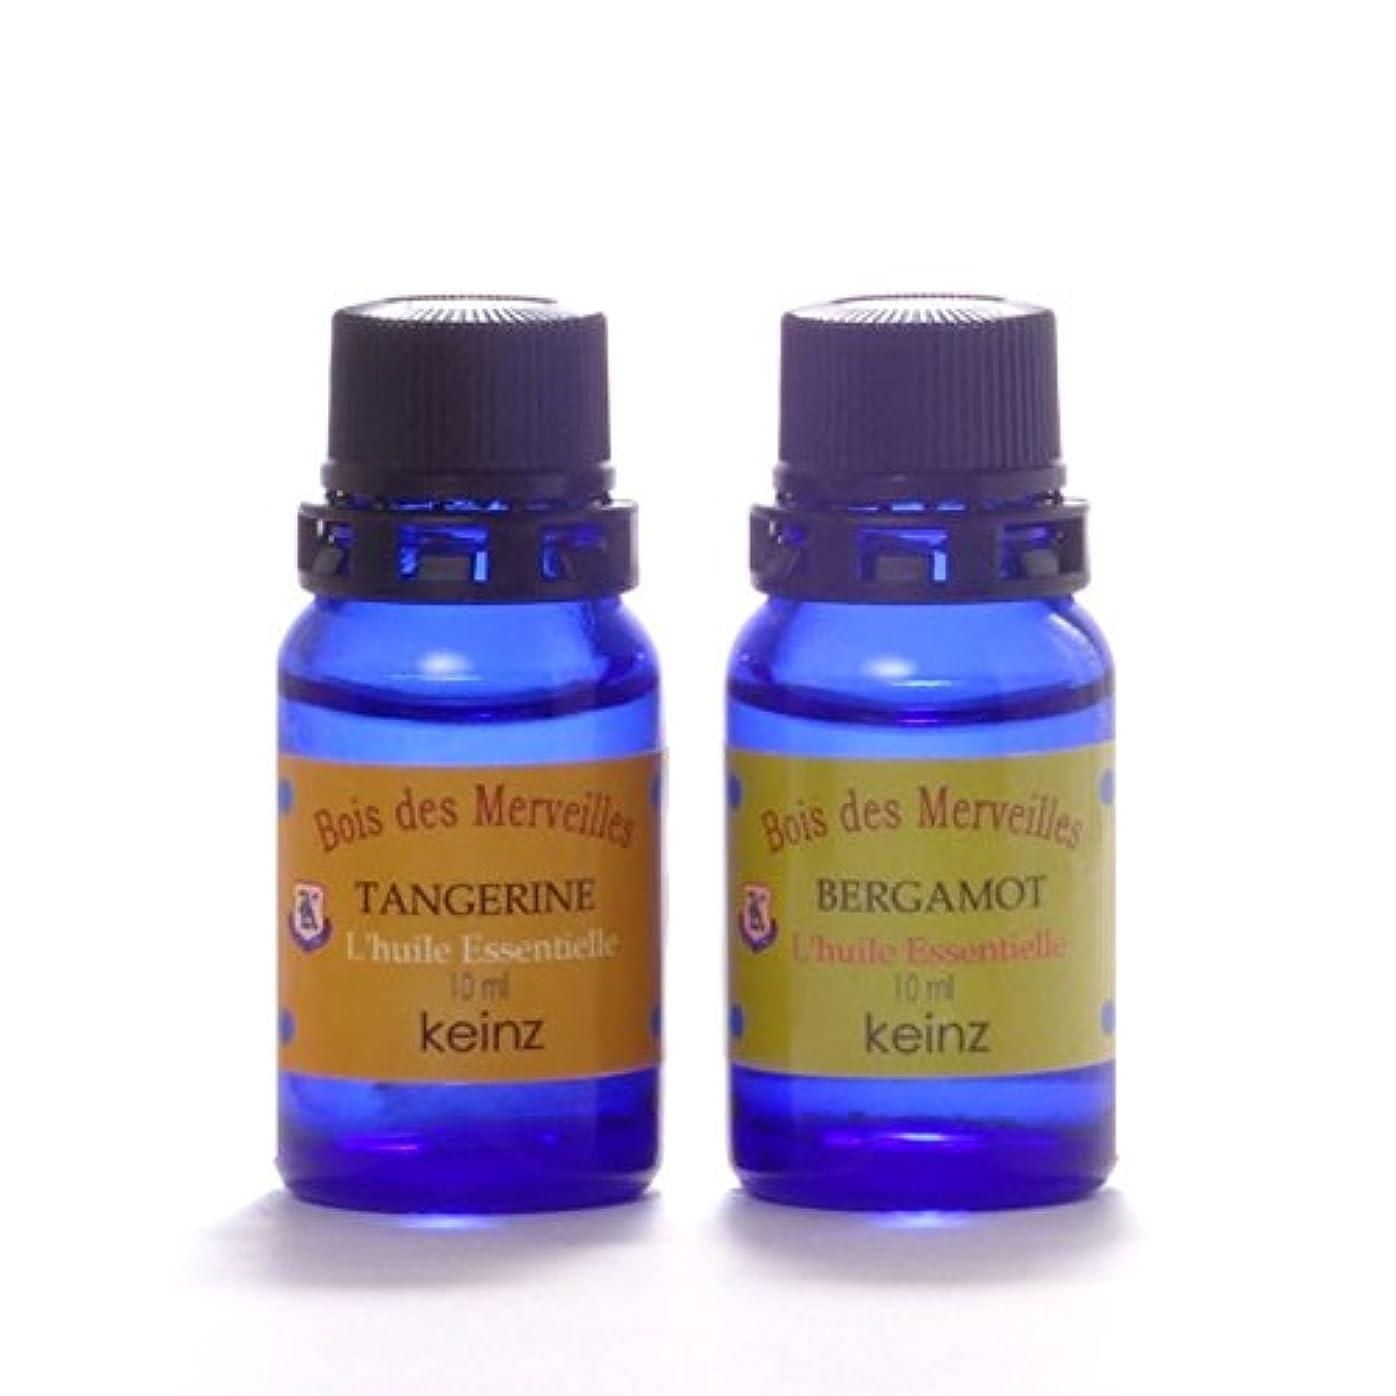 テレックスタンザニア途方もないkeinzエッセンシャルオイル「タンジェリン10ml&ベルガモット10ml」2種1セット ケインズ正規品 製造国アメリカ 水蒸気蒸留法による100%無添加精油 人工香料は使っていません。